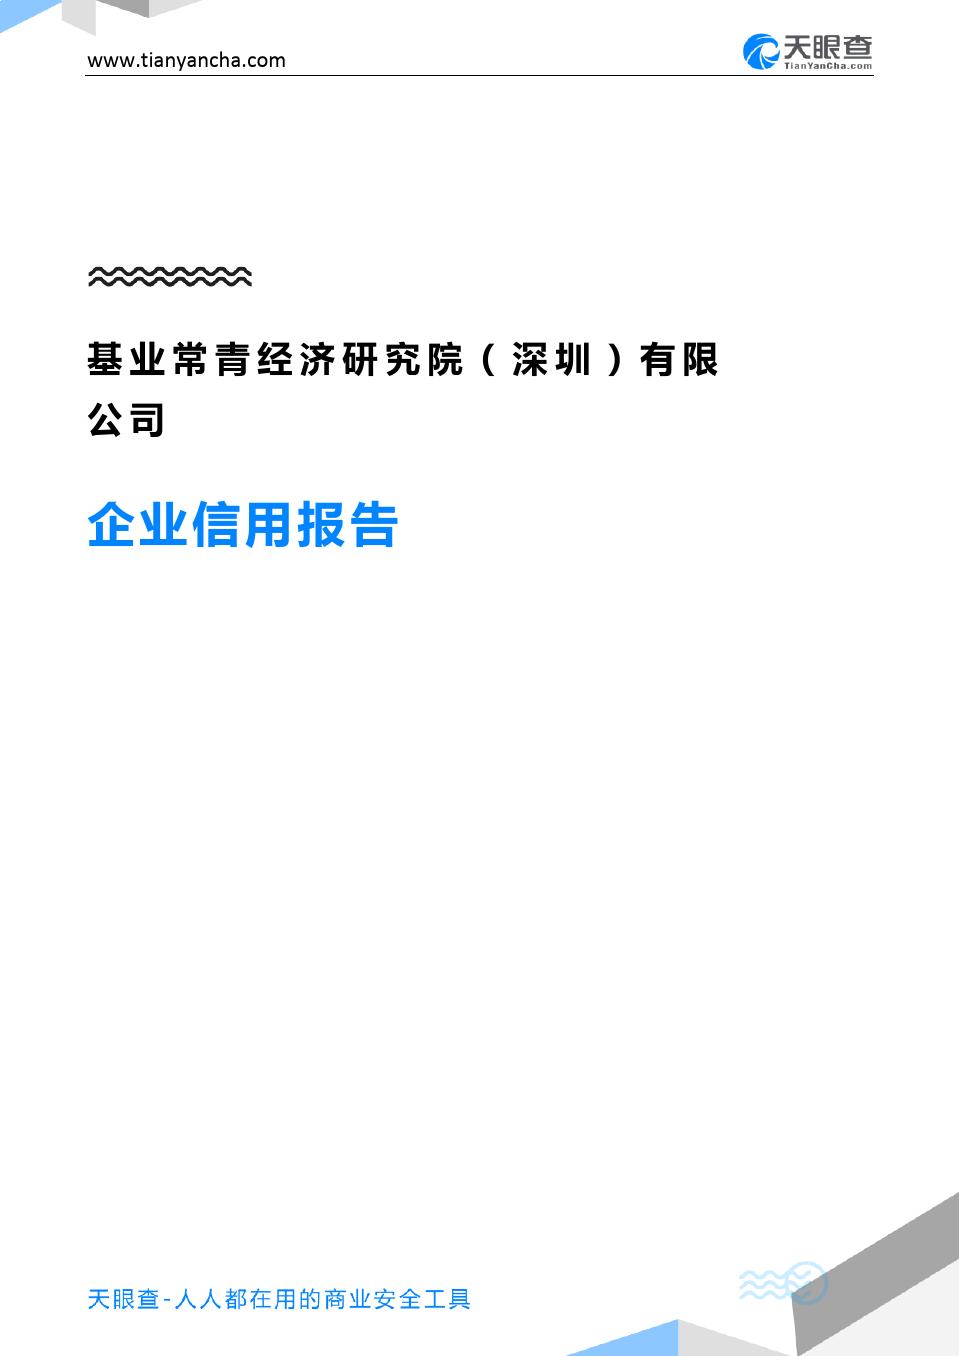 基业常青经济研究院(深圳)有限公司(企业信用报告)- 天眼查